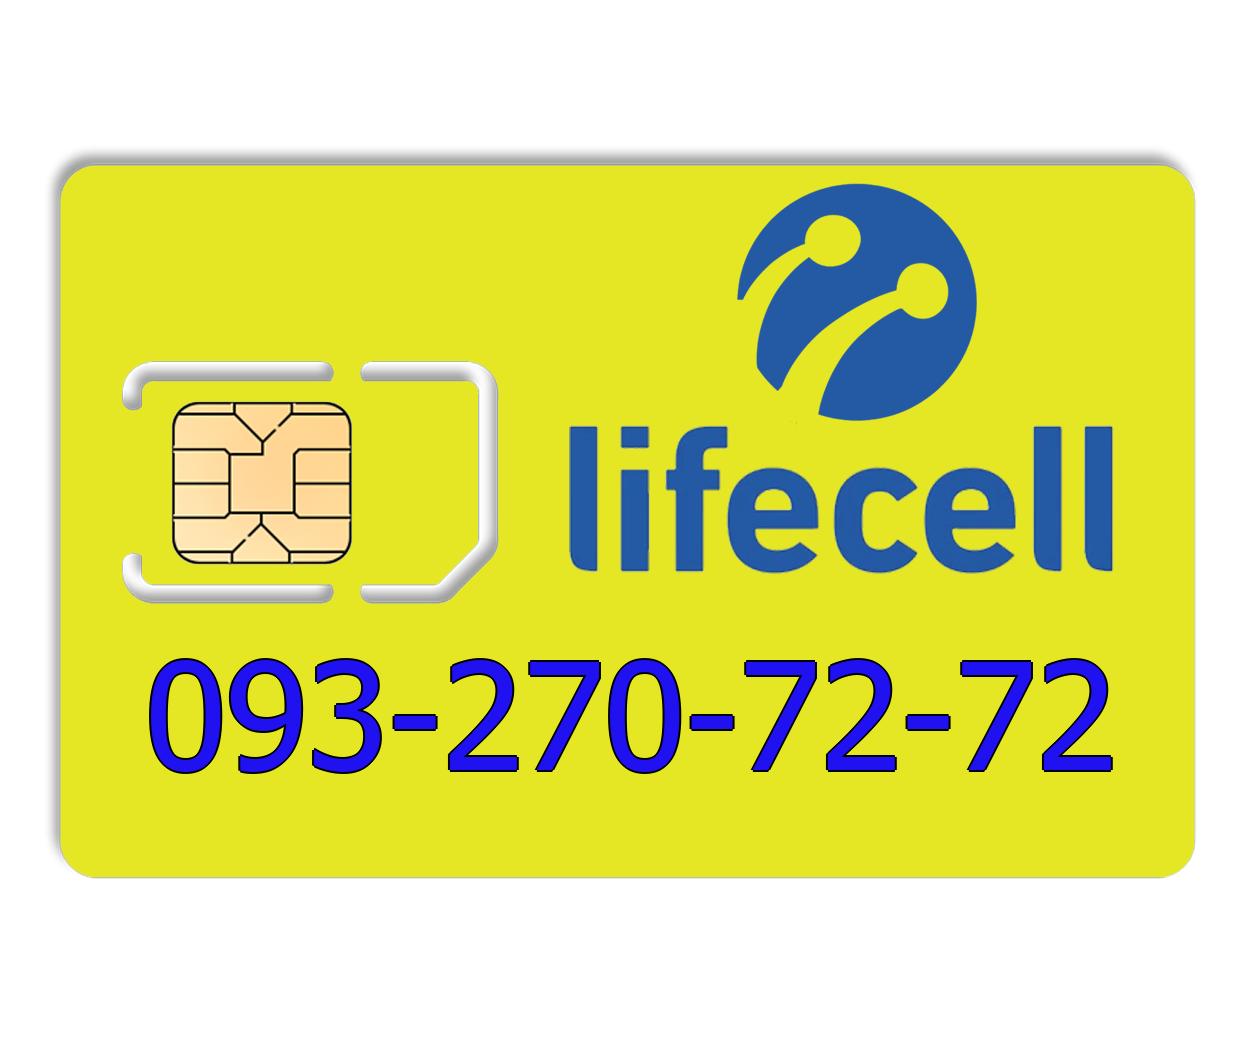 Красивый номер lifecell 093-270-72-72